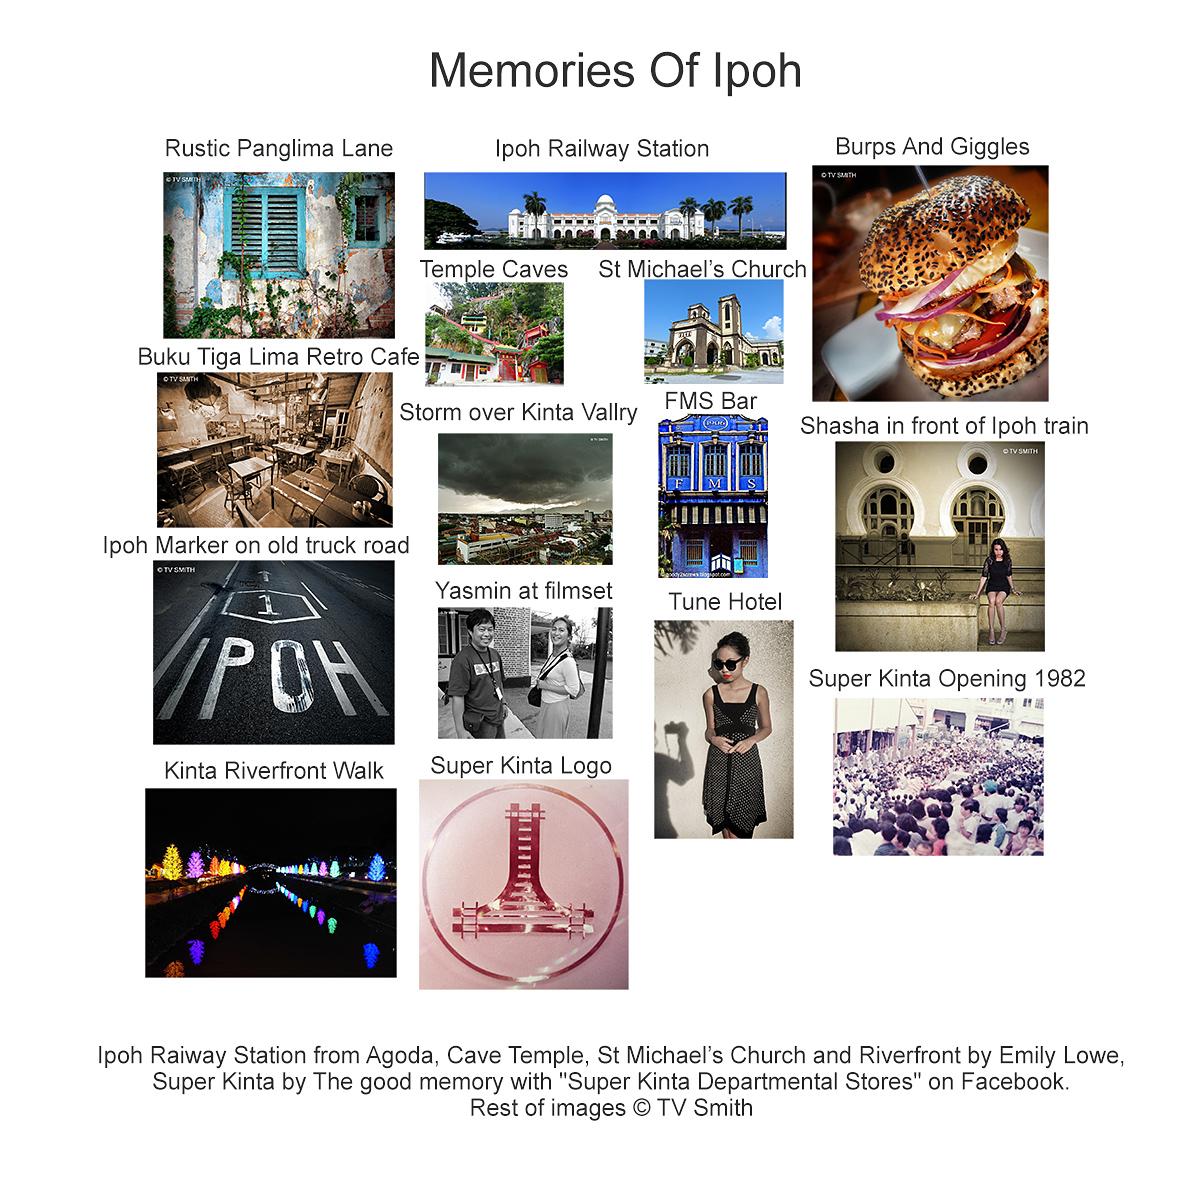 Memories Of Ipoh